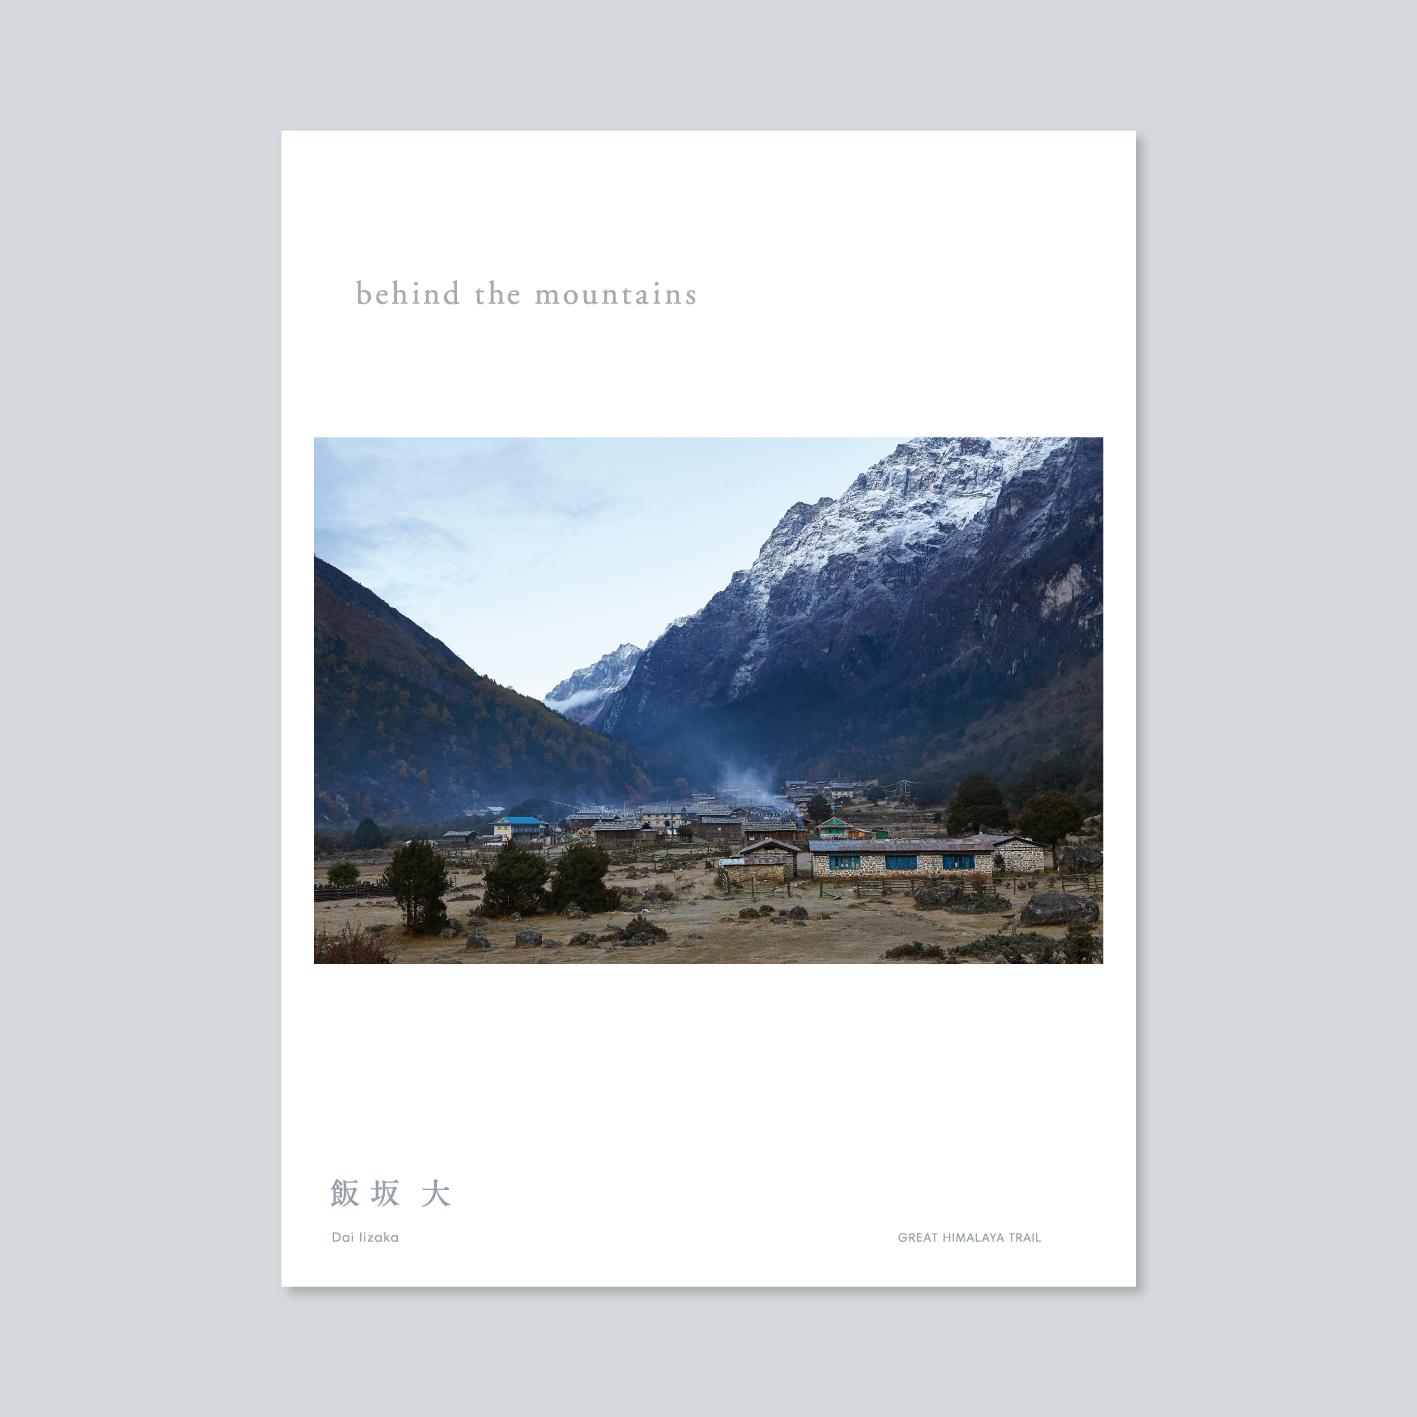 ヒマラヤのトレイル旅が写真集に 飯坂大(GHT Project) 初の写真集が発売